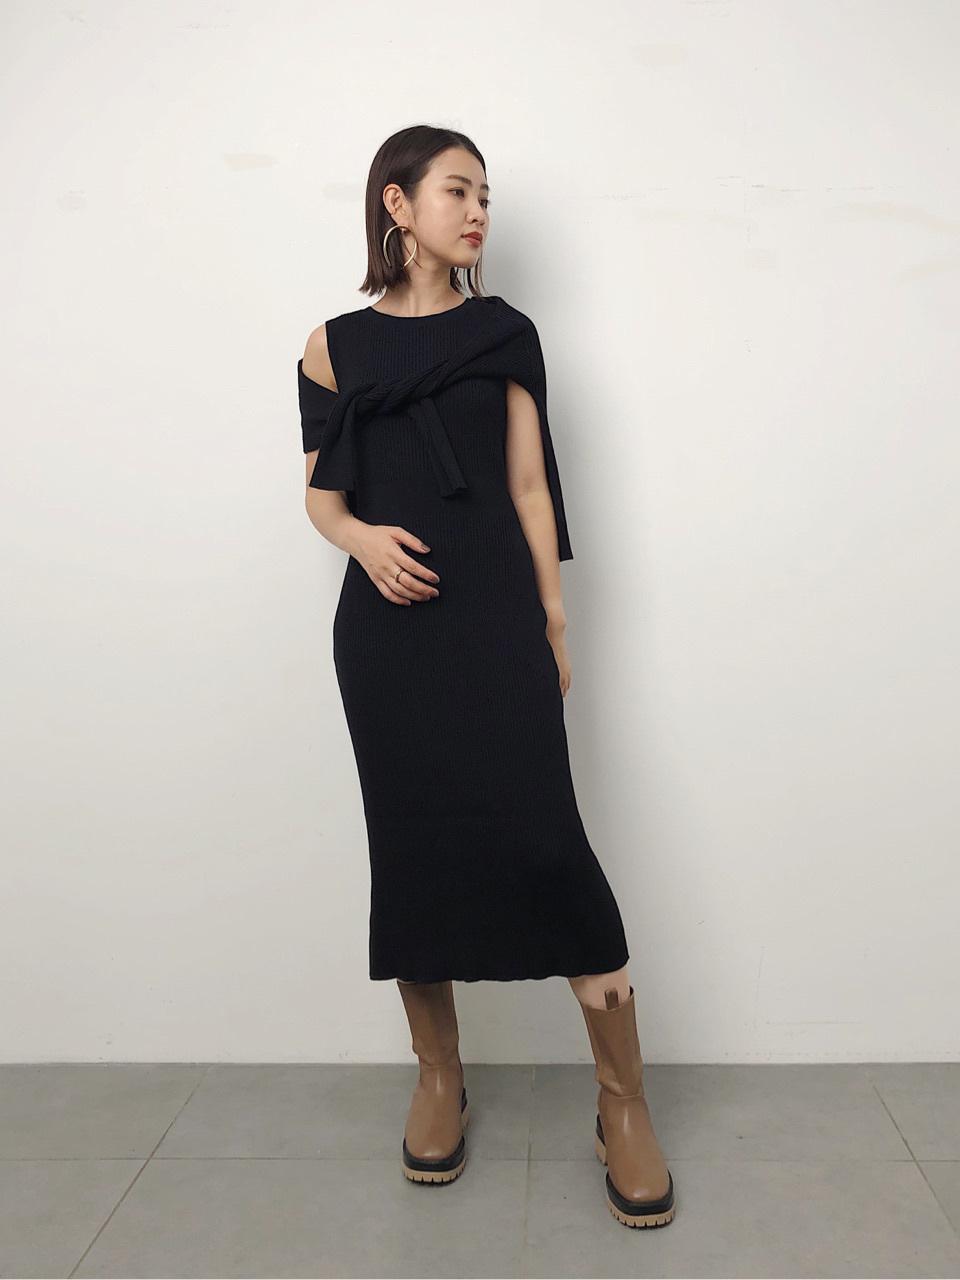 針織連身裙組合套裝